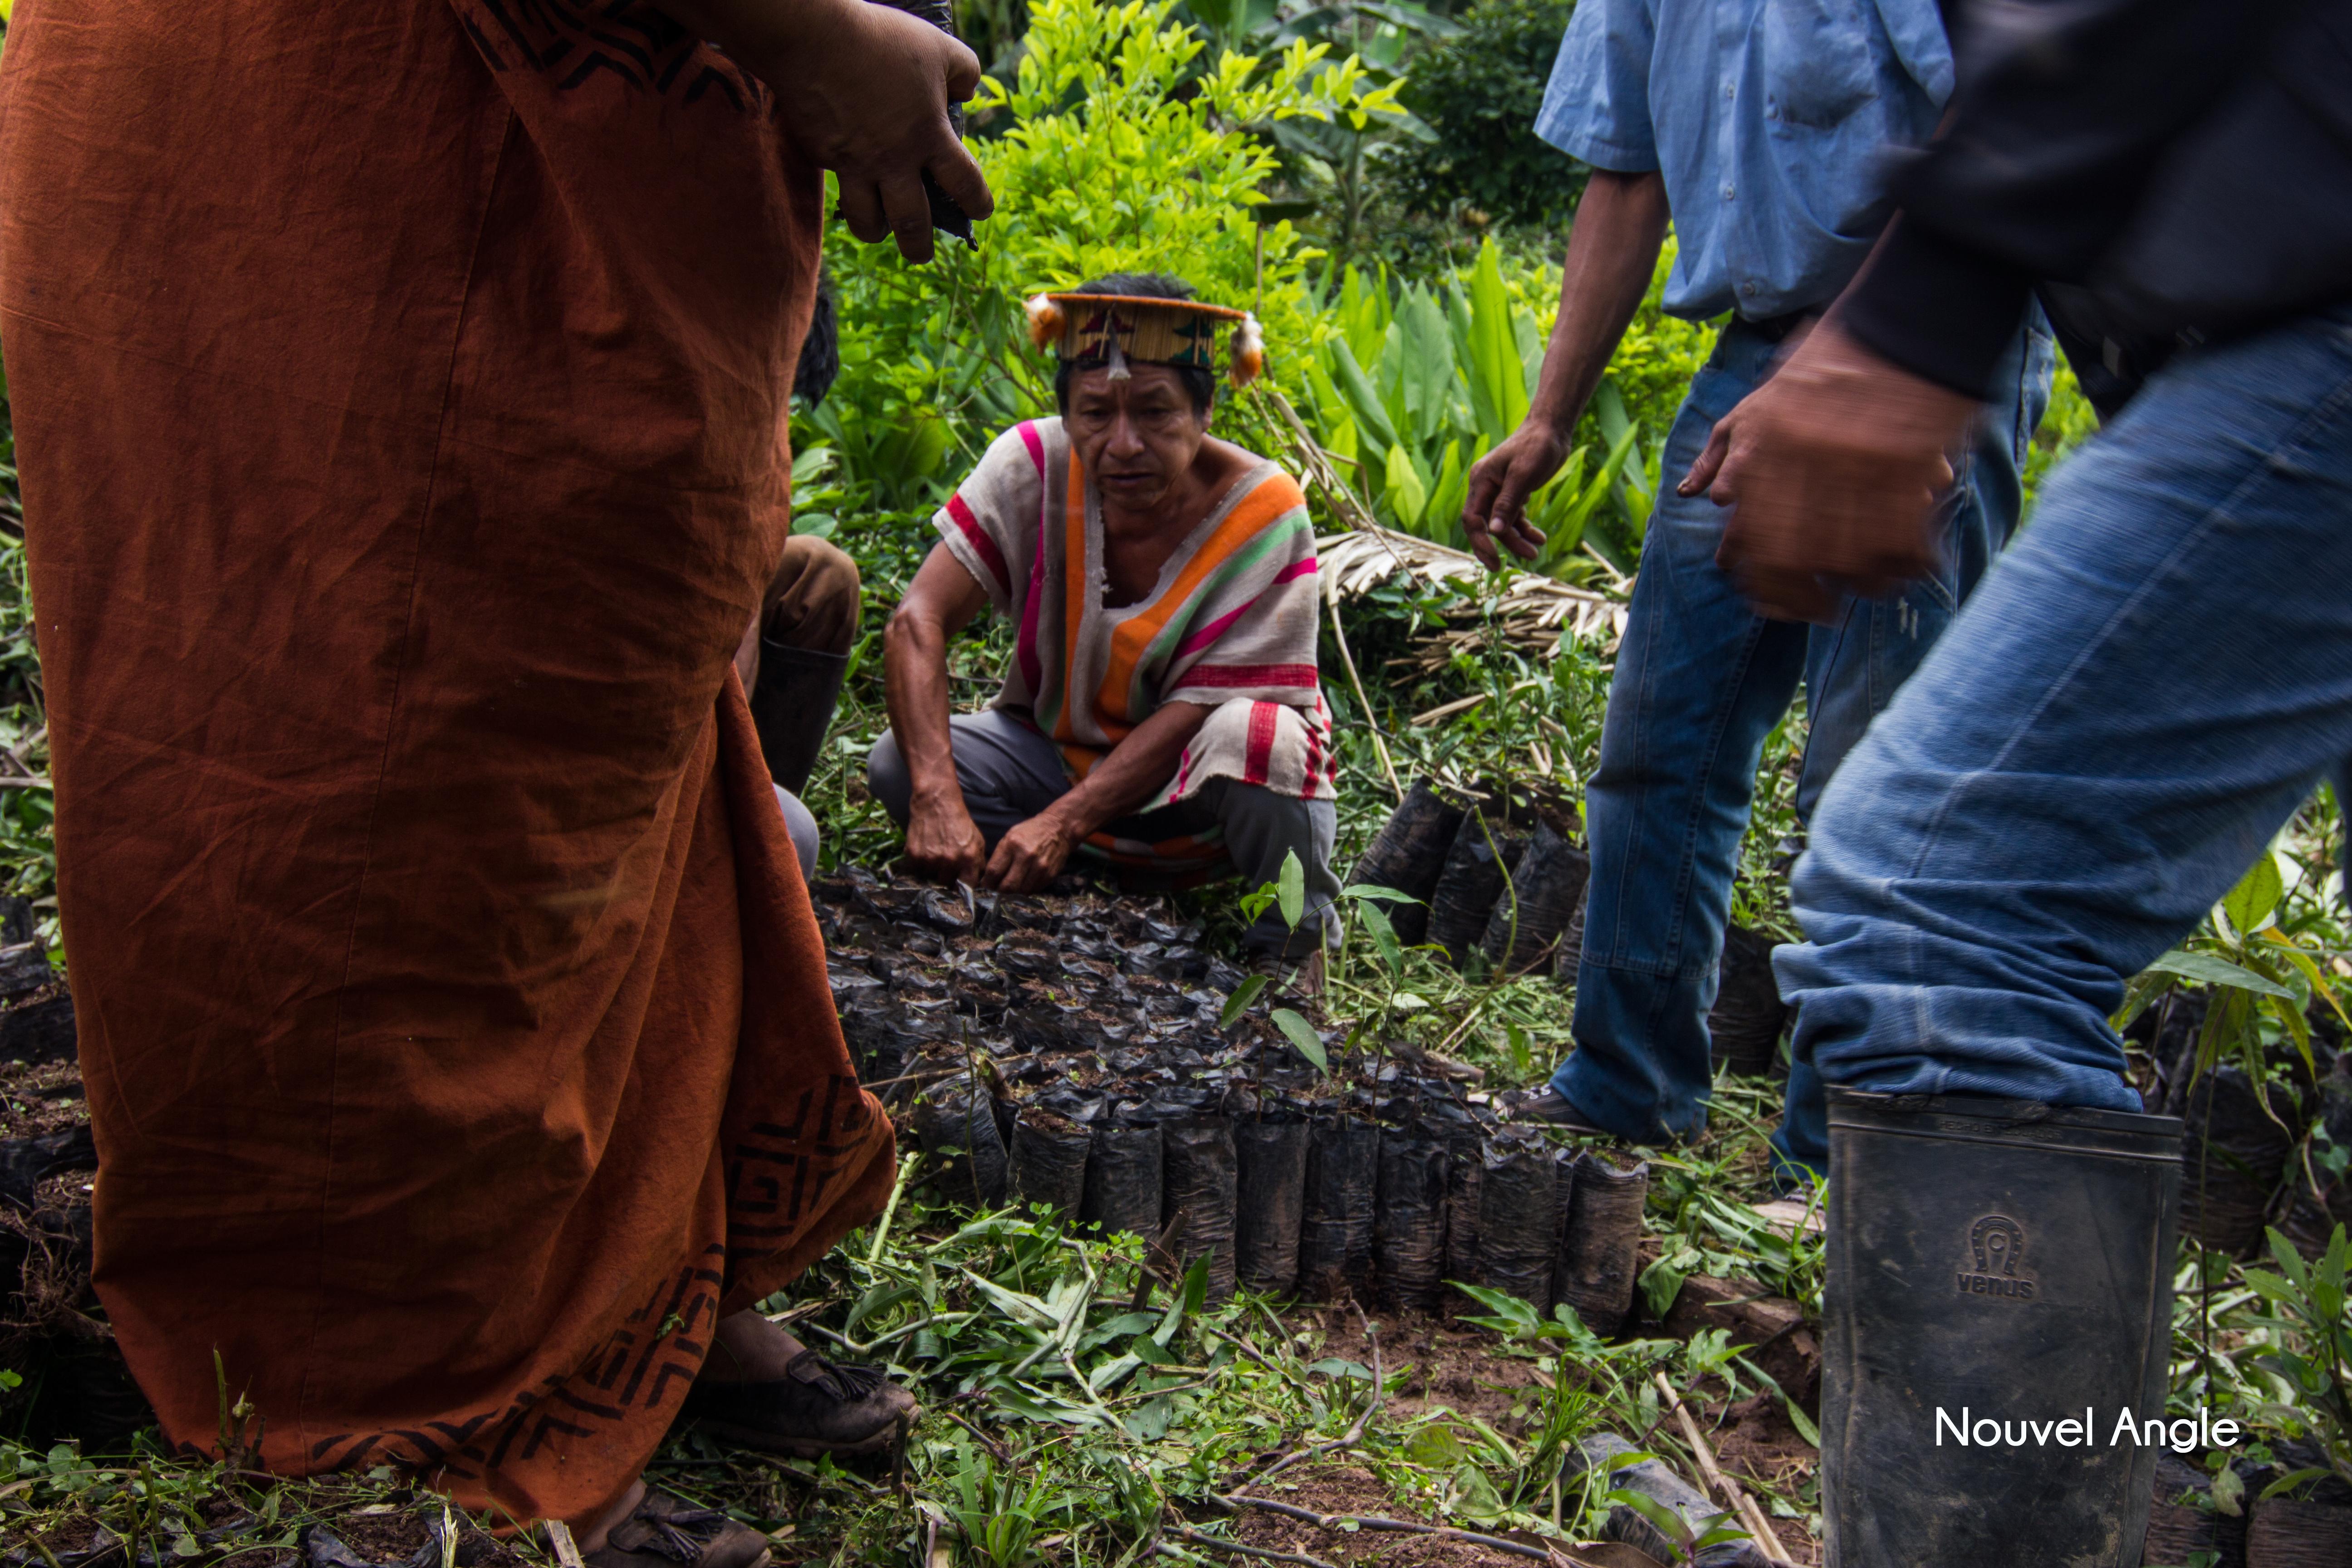 découvrir l'amazonie lors d'un voyage responsable et durable